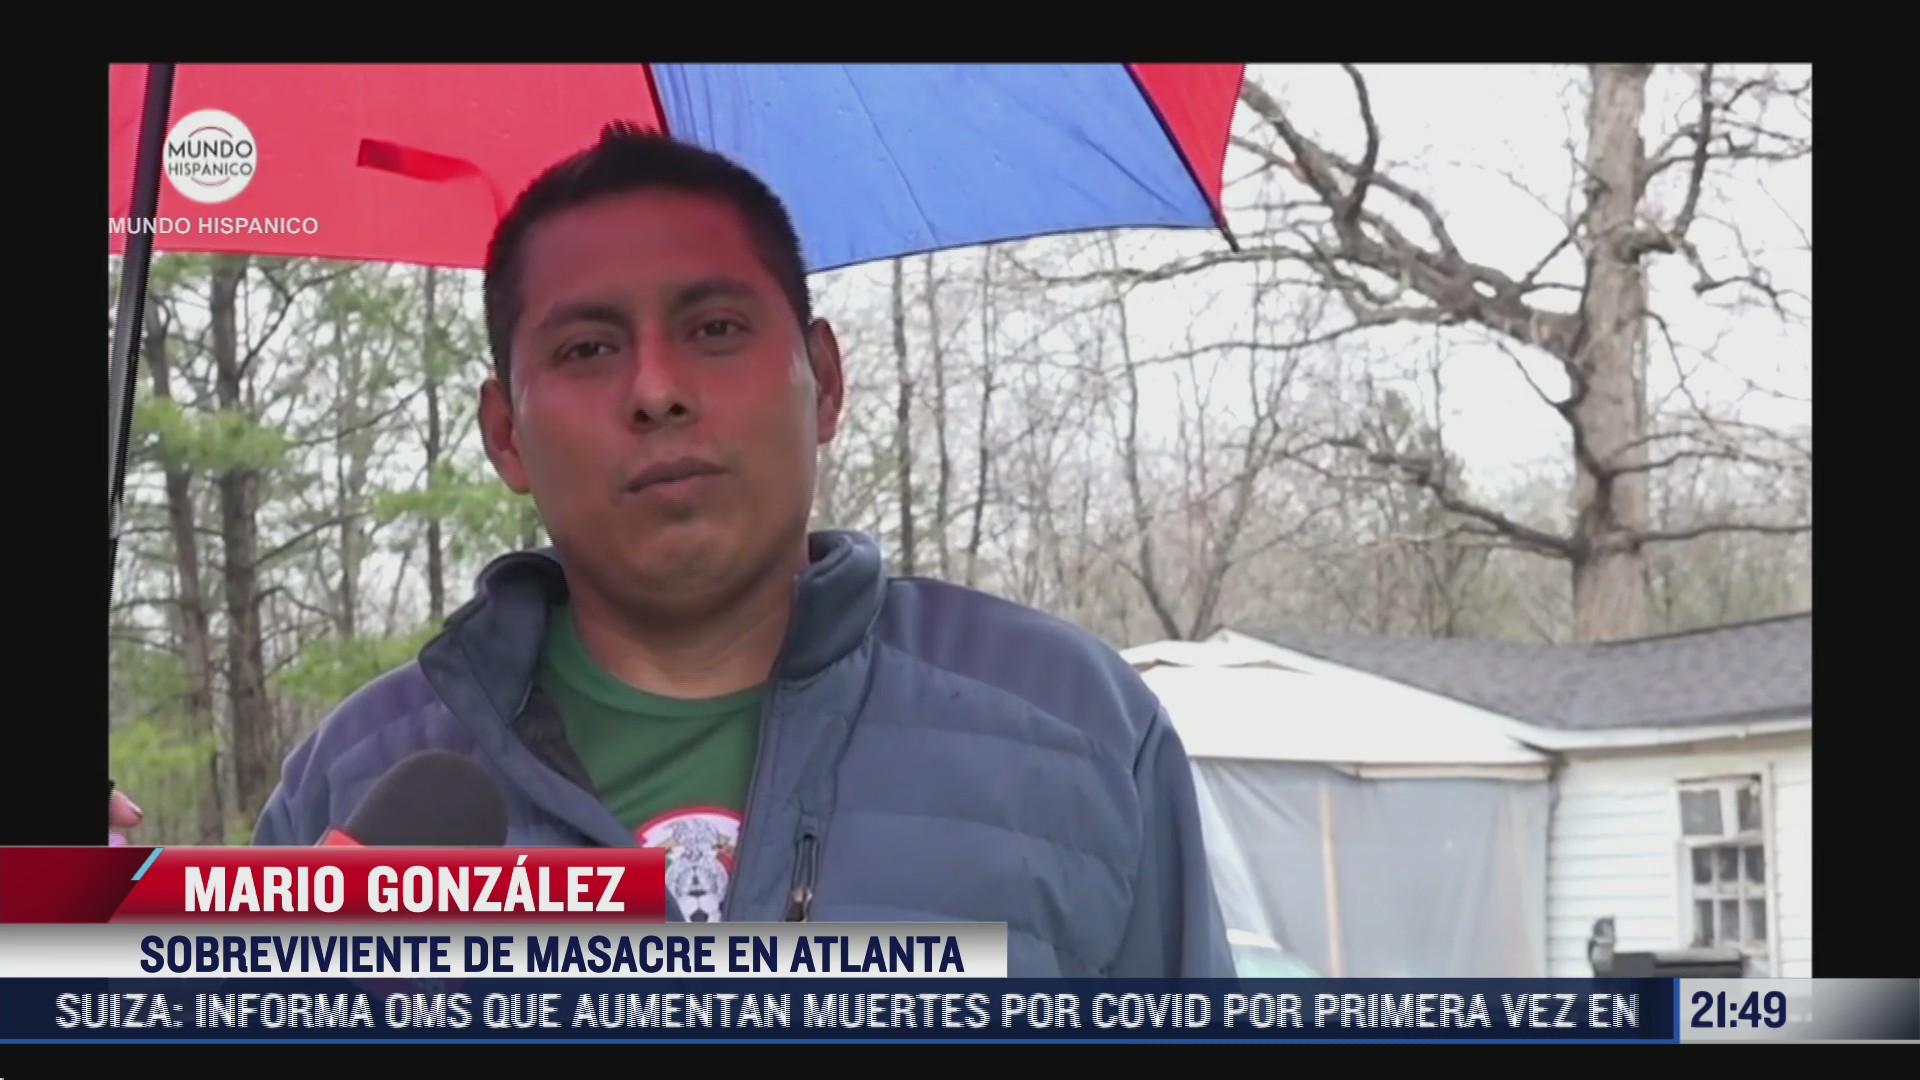 mexicano sobreviviente de tiroteo en atlanta recibio malos tratos de policias